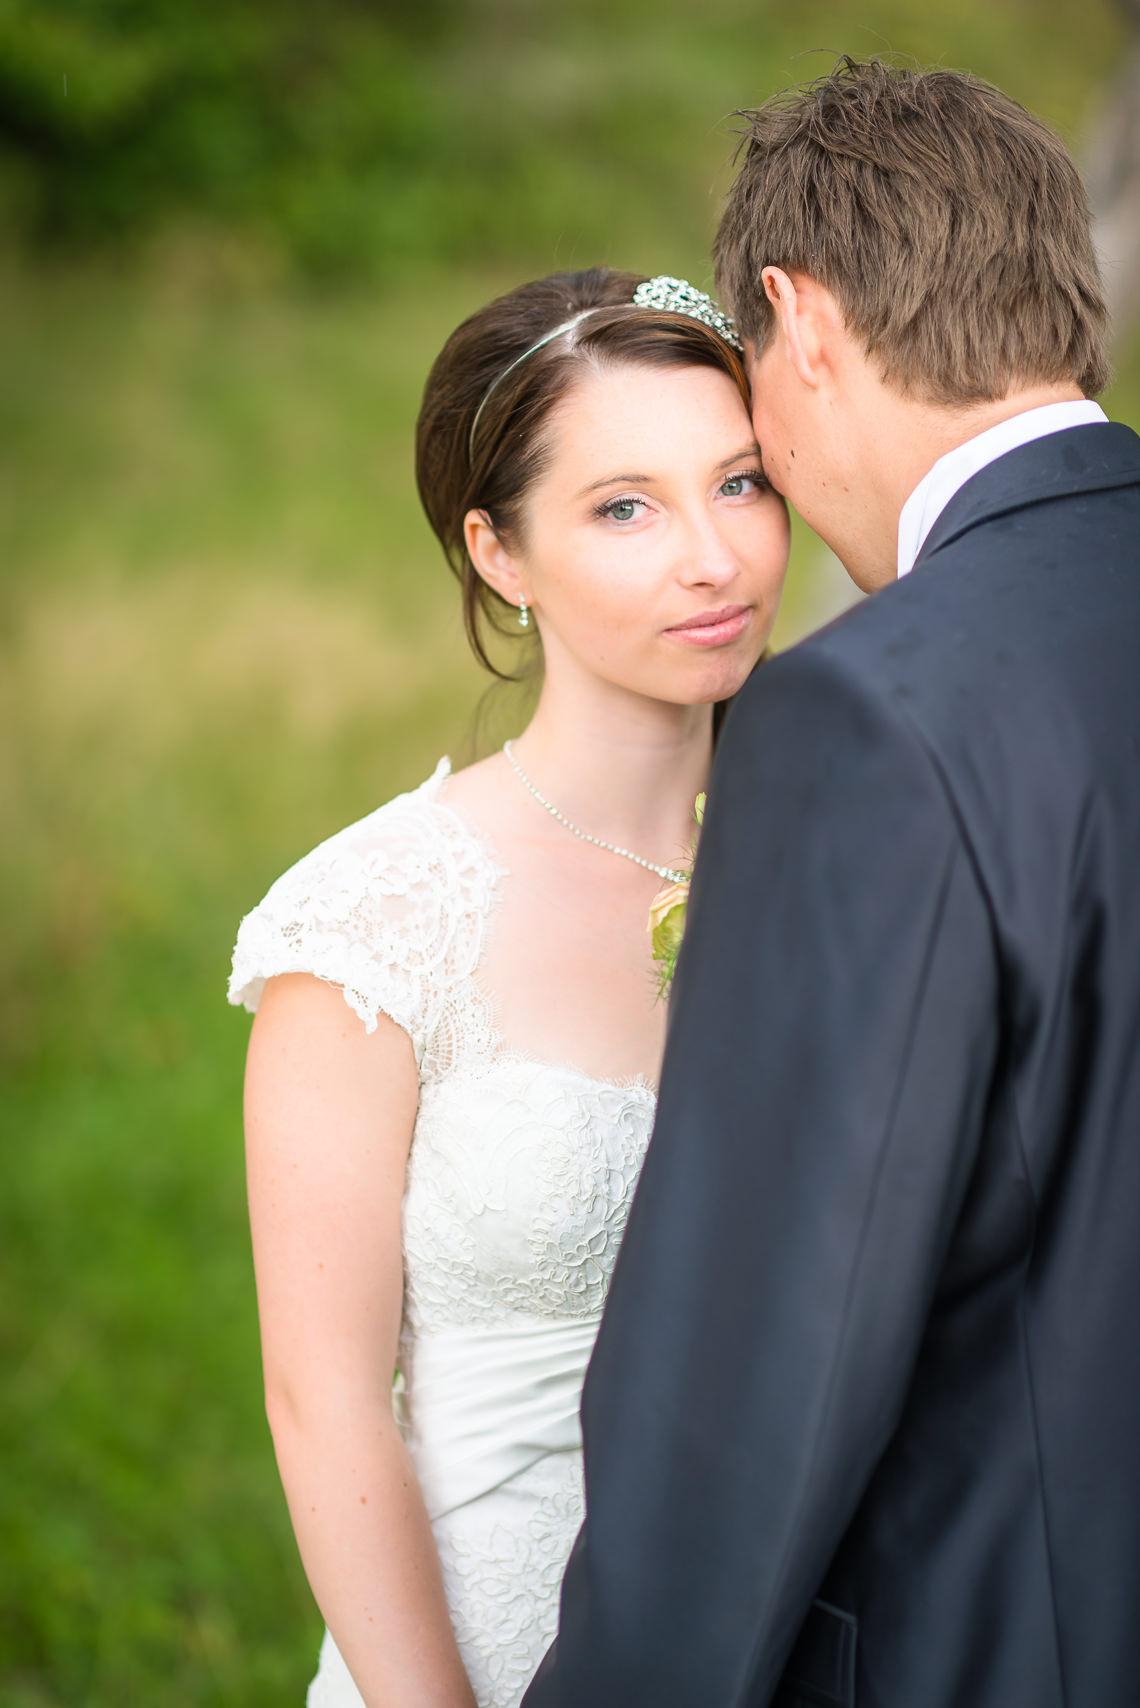 0018_20150904_CKE_2490_Hochzeit_Janine_Michael_